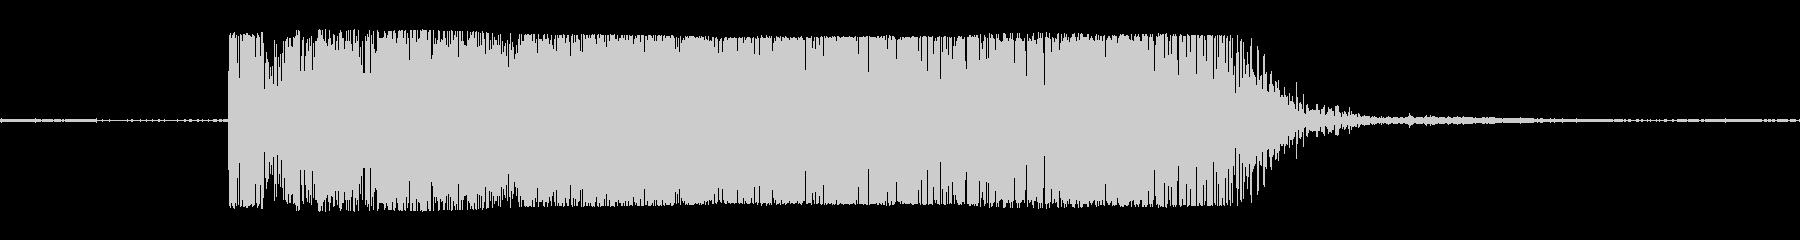 ギターメタルパワーコードeの未再生の波形